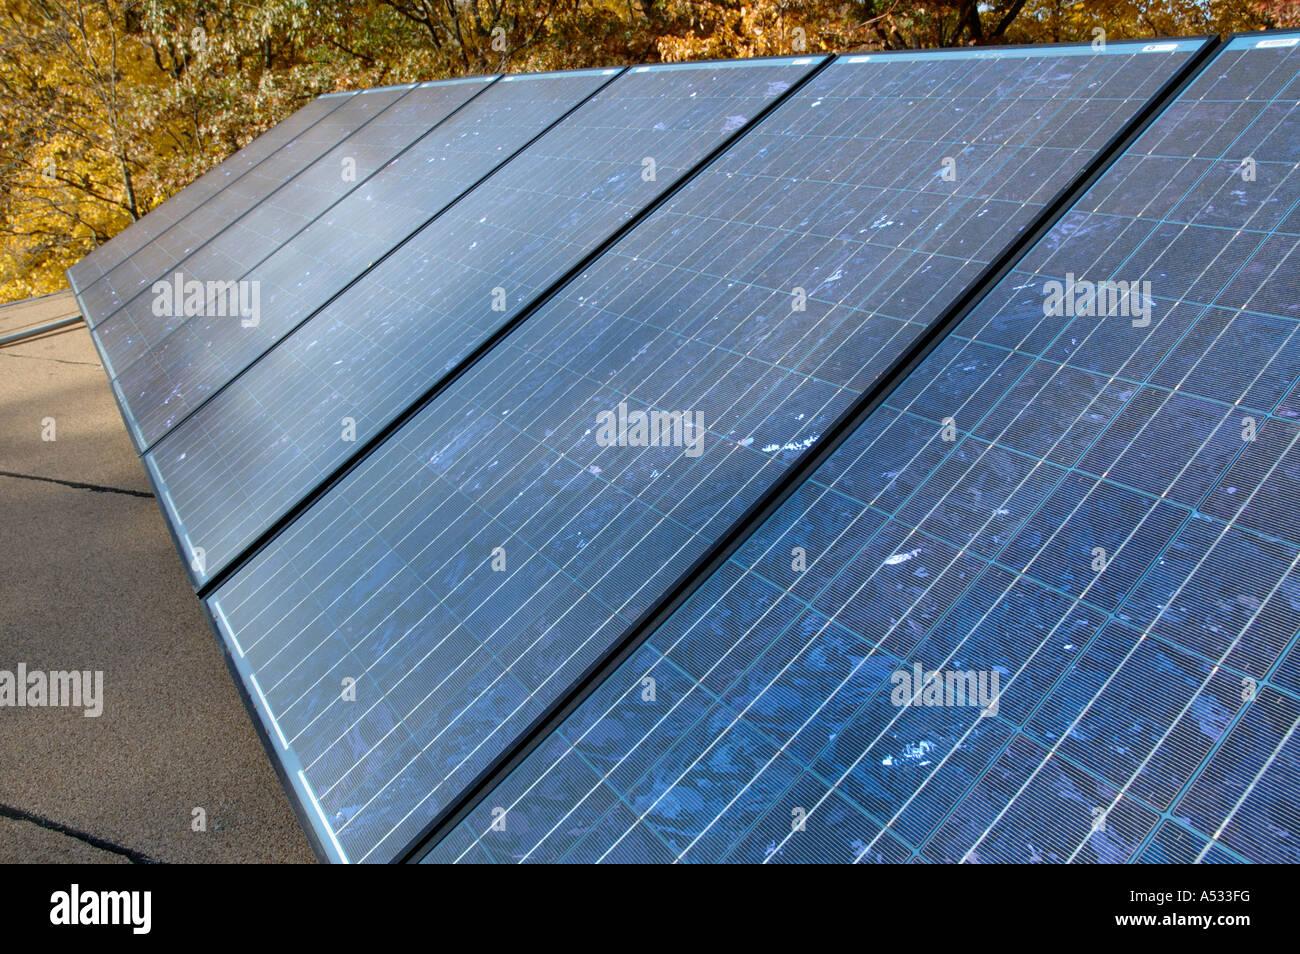 Gamma di potenza fotovoltaica solare energia dei pannelli sul tetto di una casa Immagini Stock